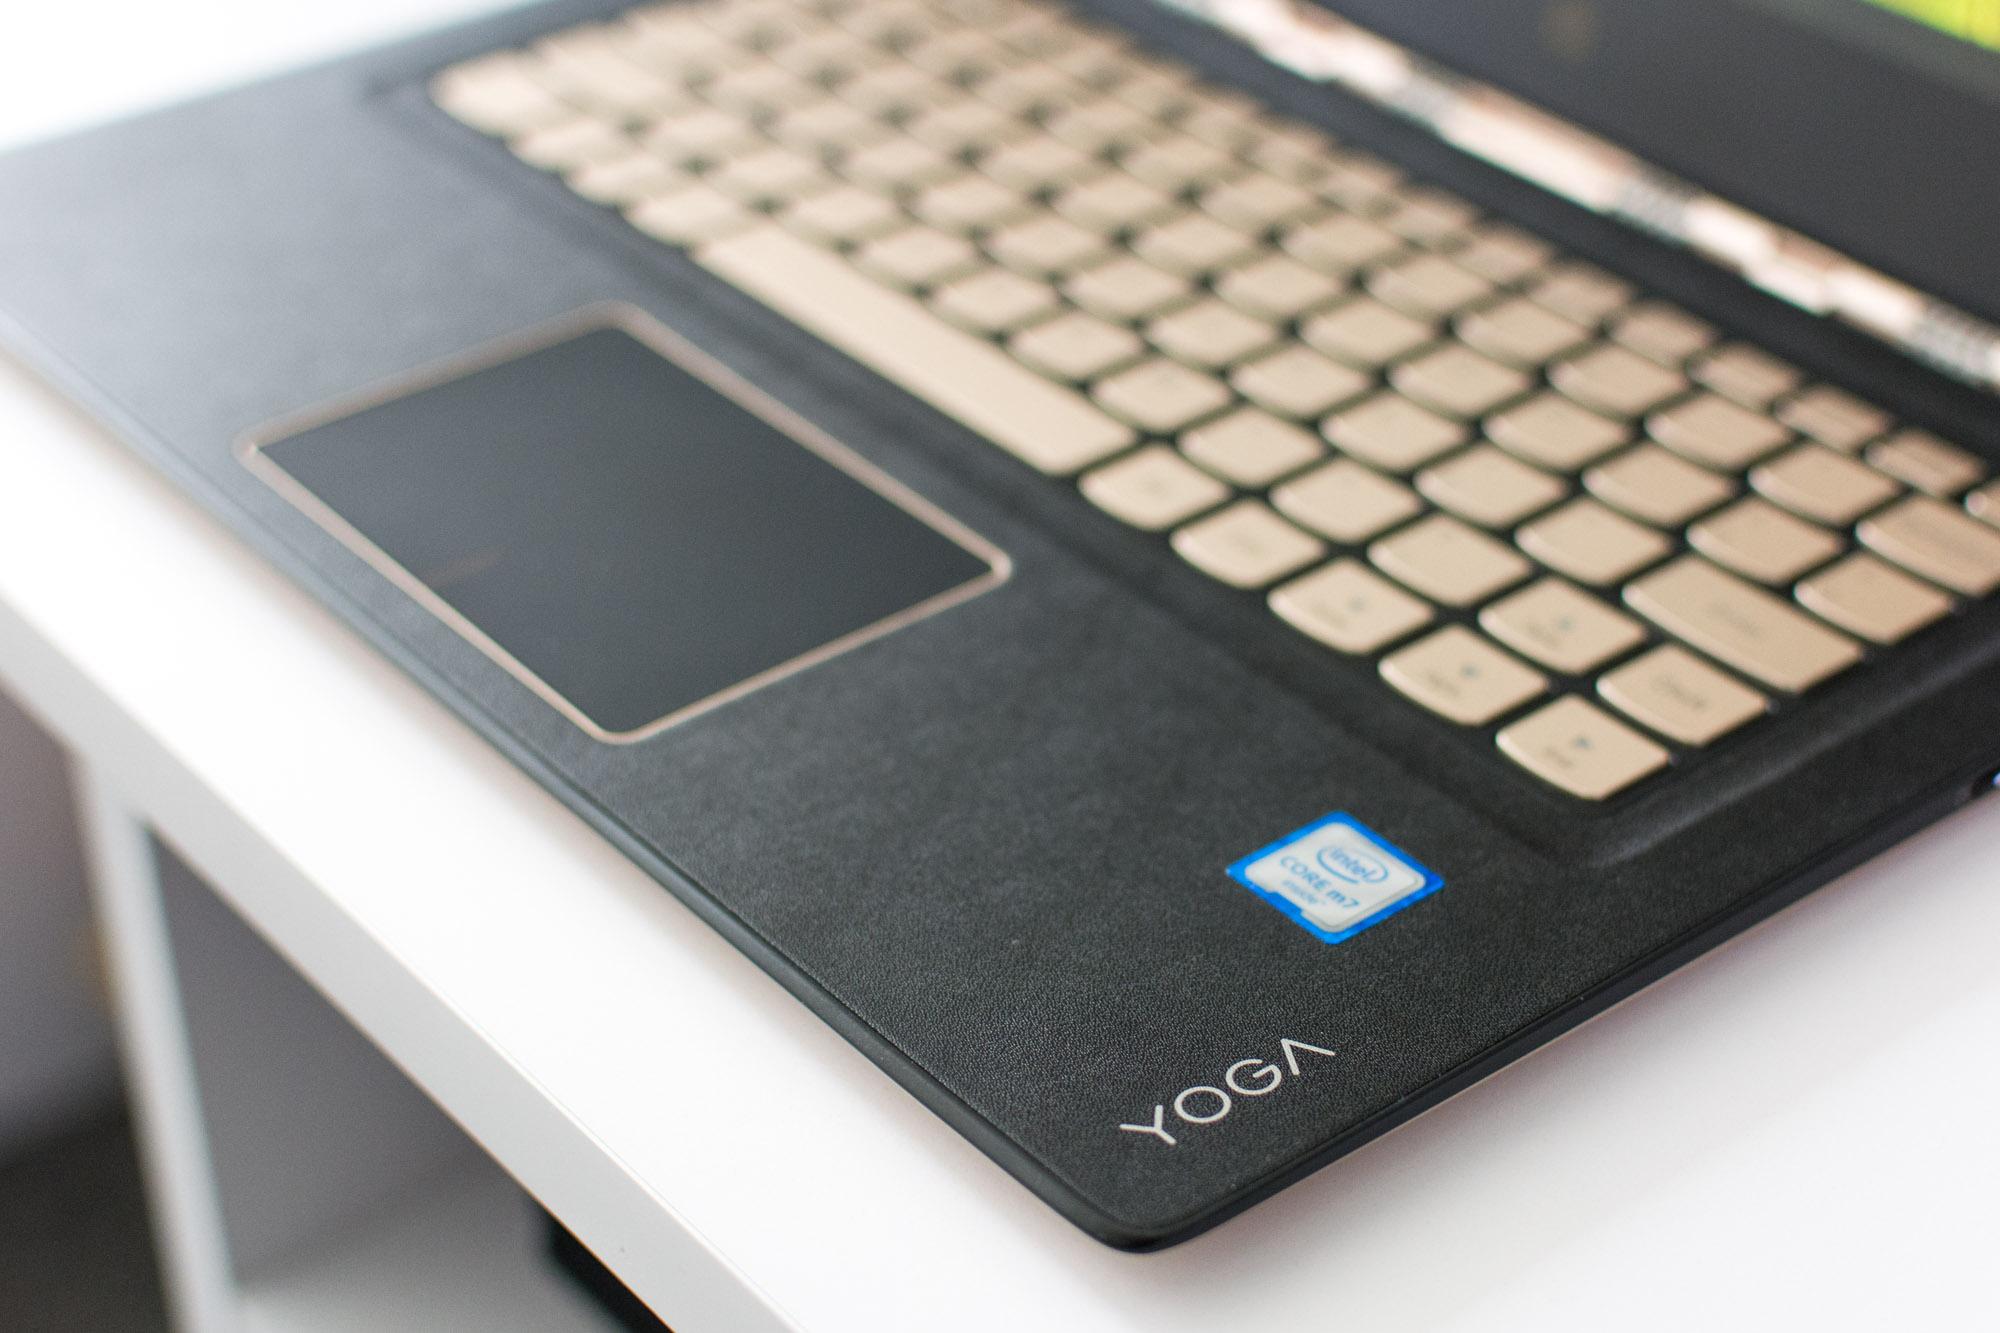 Poznajcie Lenovo YOGA 900s – laptop, który zmienił sposób, w jaki korzystam z komputera